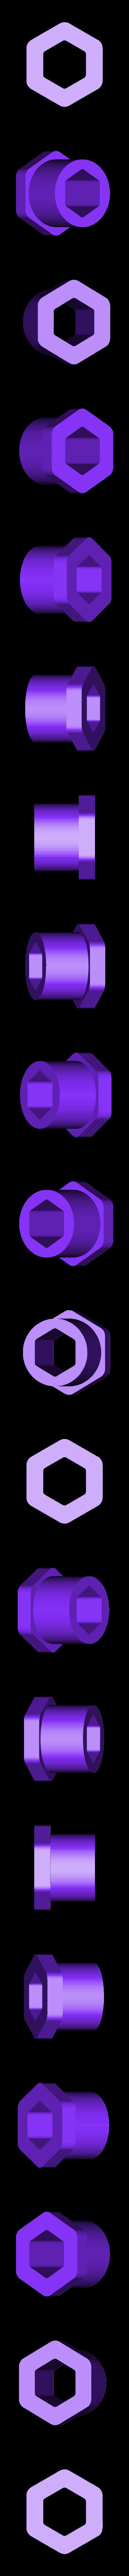 Washer.stl Télécharger fichier STL gratuit Vernier (Boîte à engrenages planétaires) • Plan pour impression 3D, SiberK